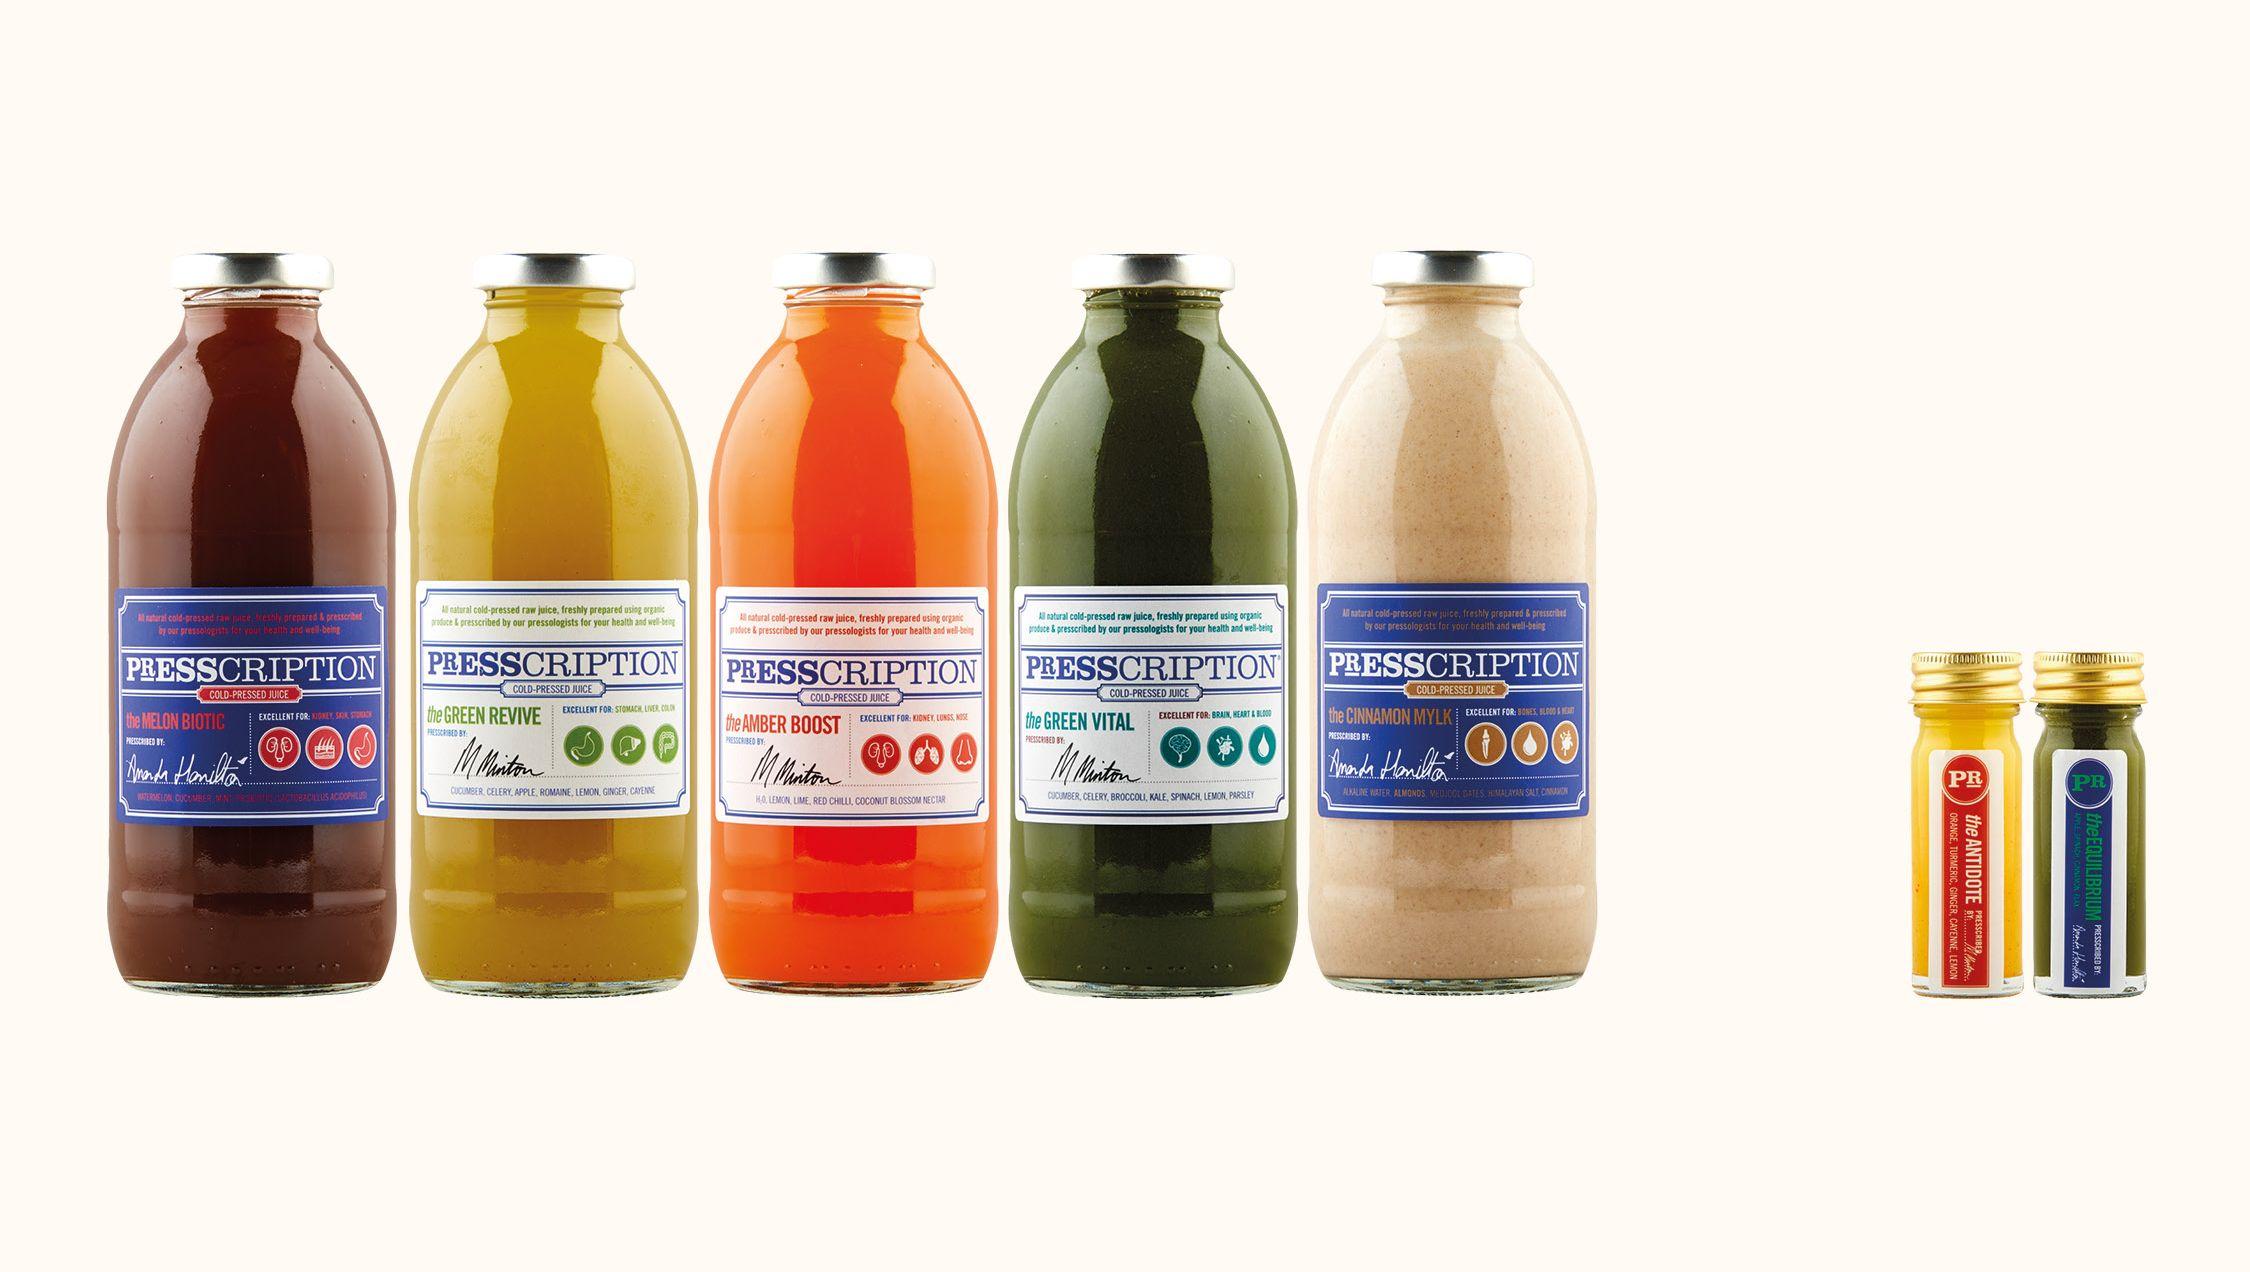 presscription-juices-range-bottles